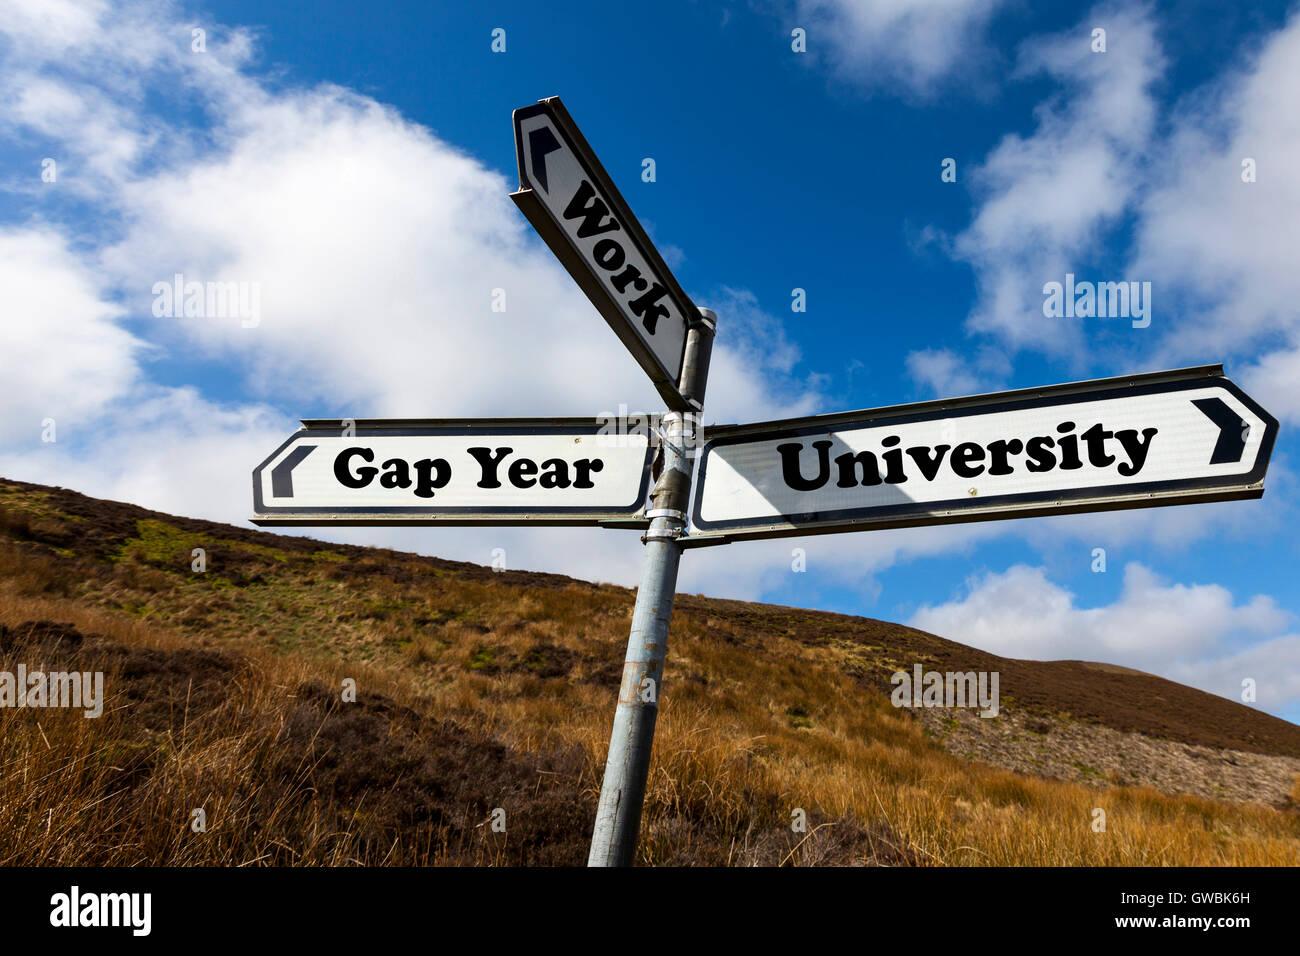 Auslandsjahr Universität Arbeit zukünftigen Wahl Lebenentscheidung entscheiden Weiterbildung Richtung Stockbild